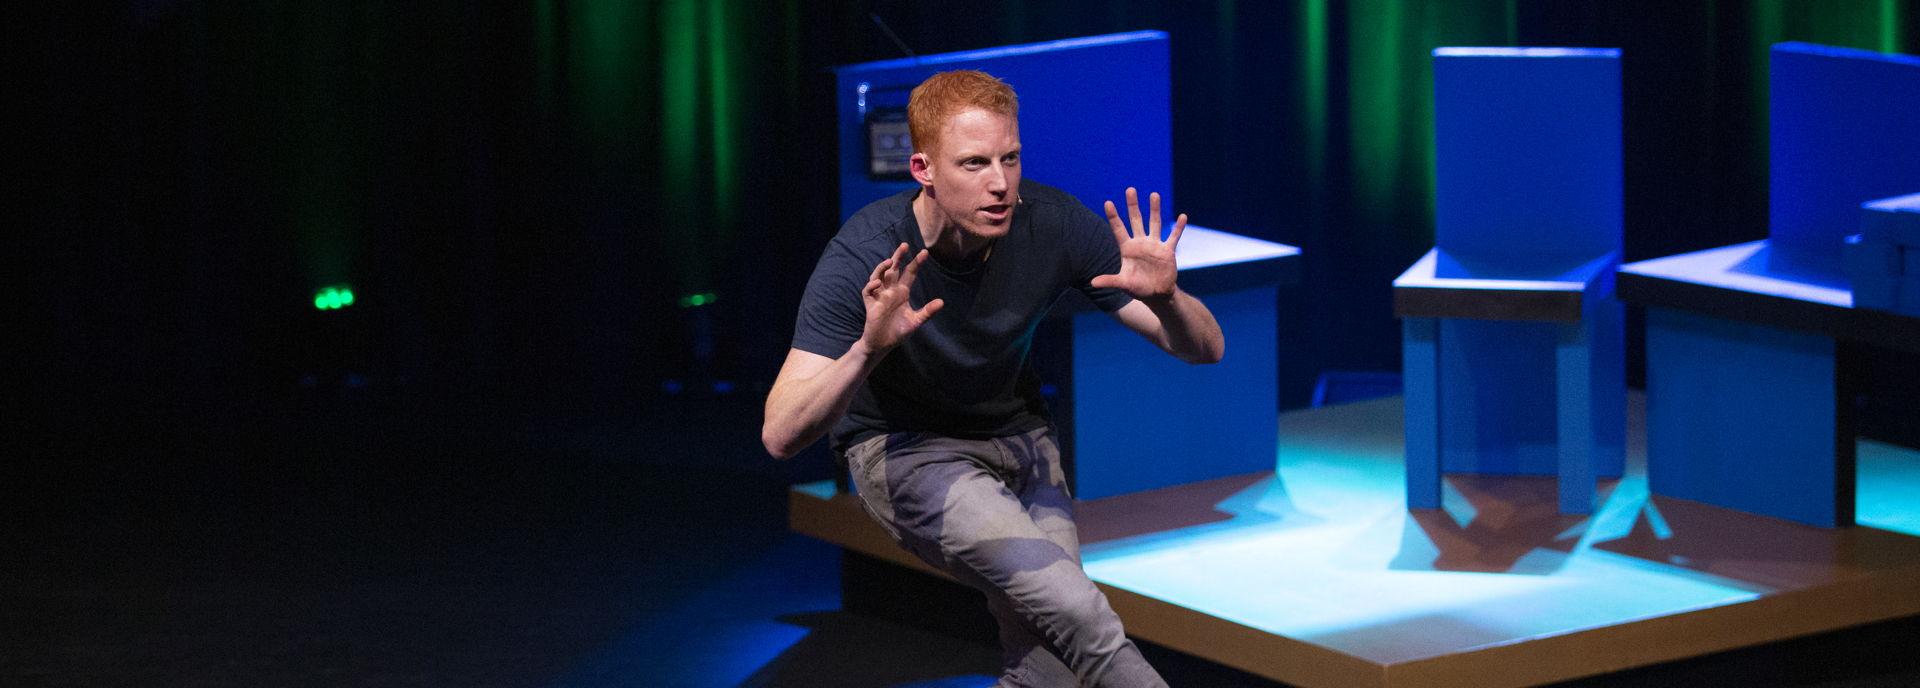 René van Meurs hunkert in zijn show.